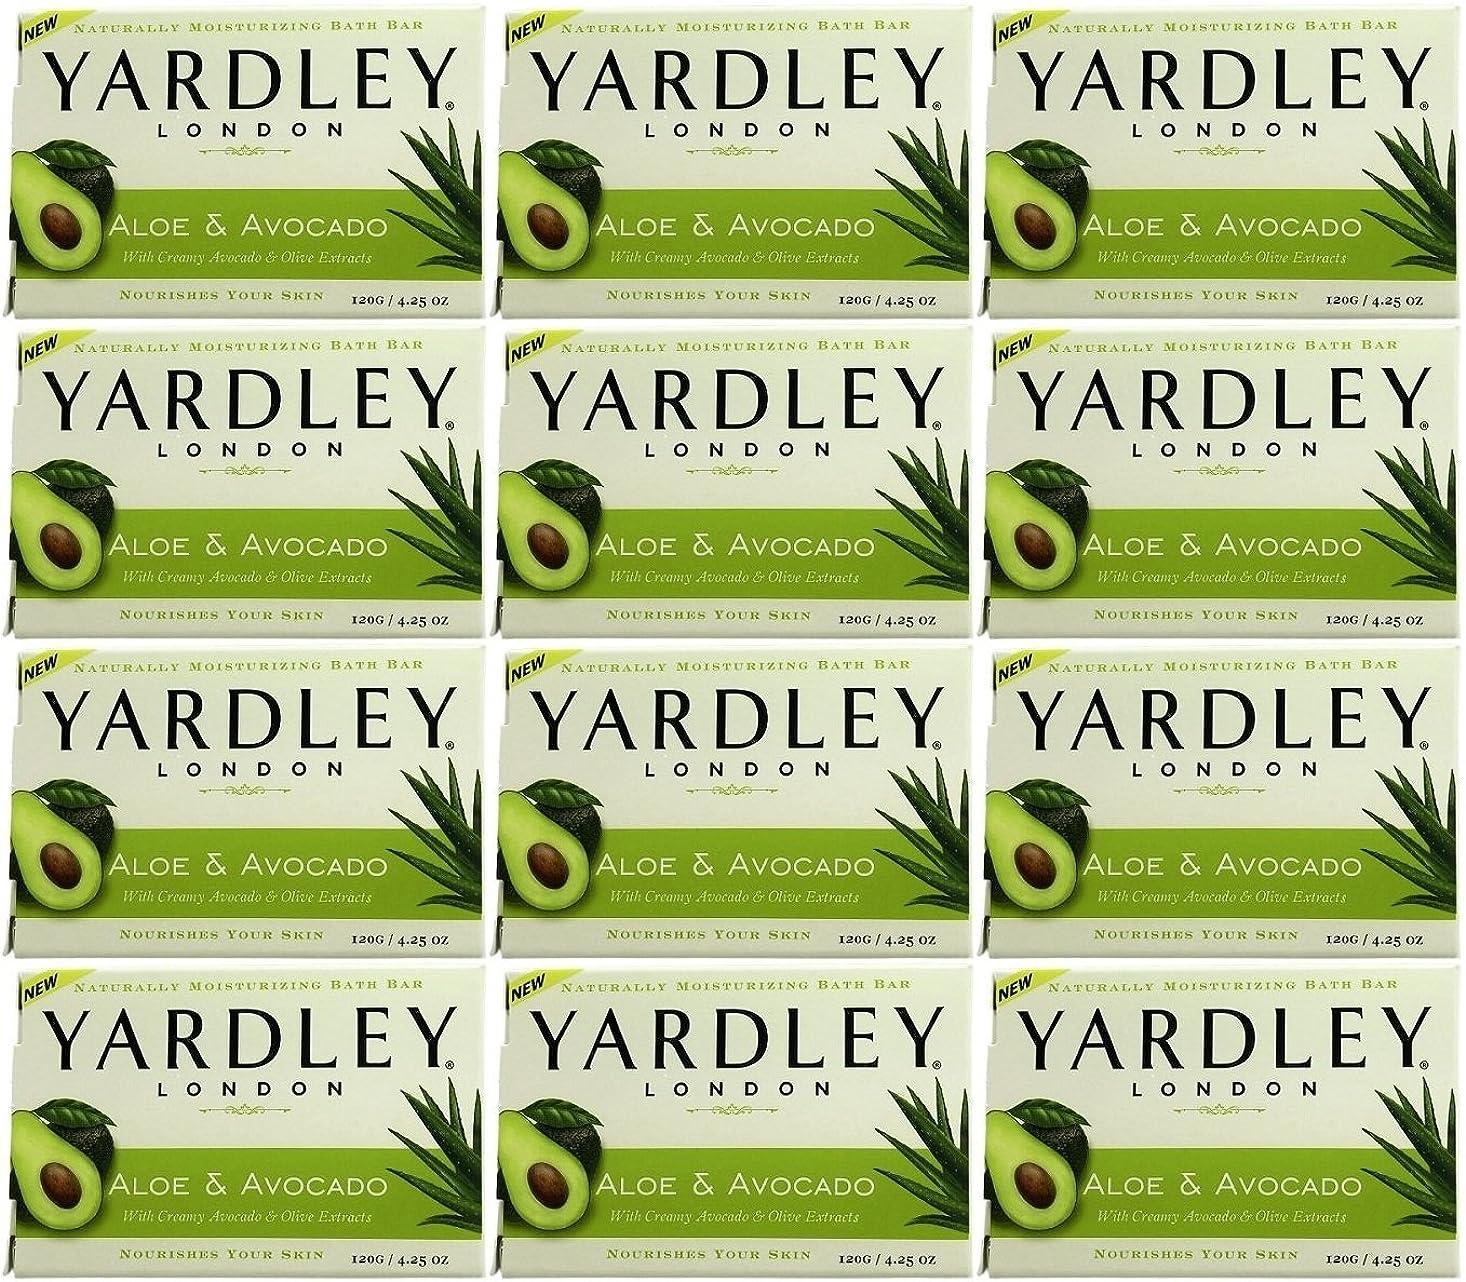 ラフトチェスをするコーデリアYardley ロンドンアロエアボカド当然のことながら保湿入浴バー4.25オズ(12パック) 12のパック ヌル